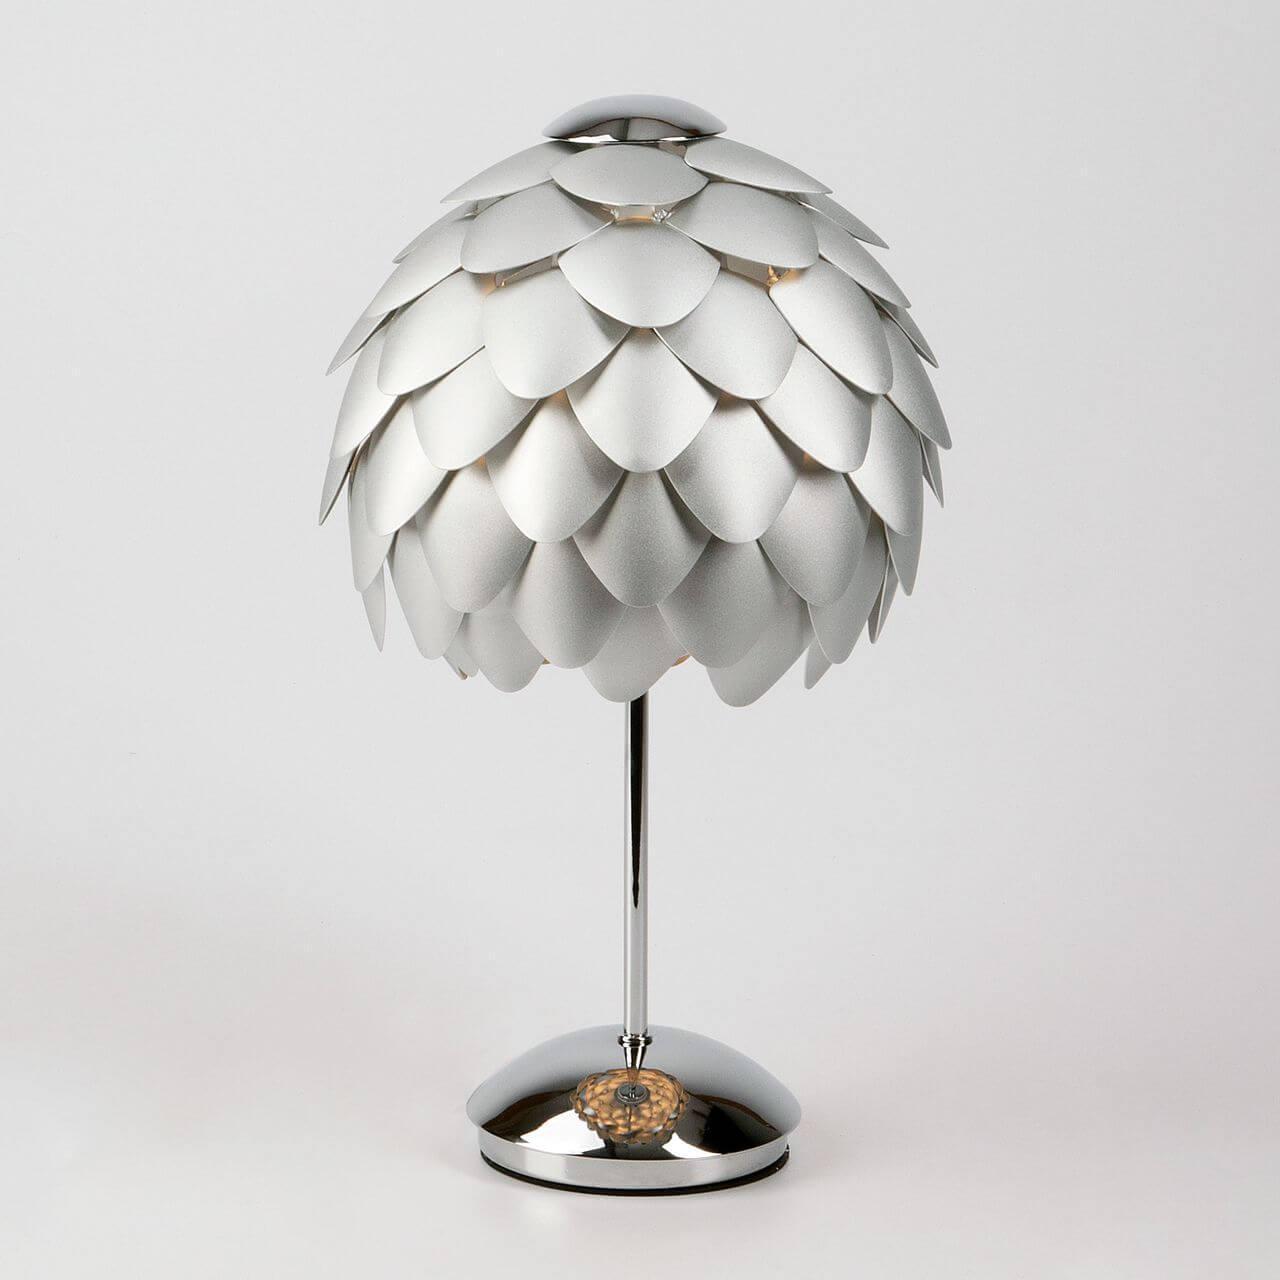 Настольная лампа Bogates Cedro 01099/1 лампа настольная декоративная bogates 01090 1